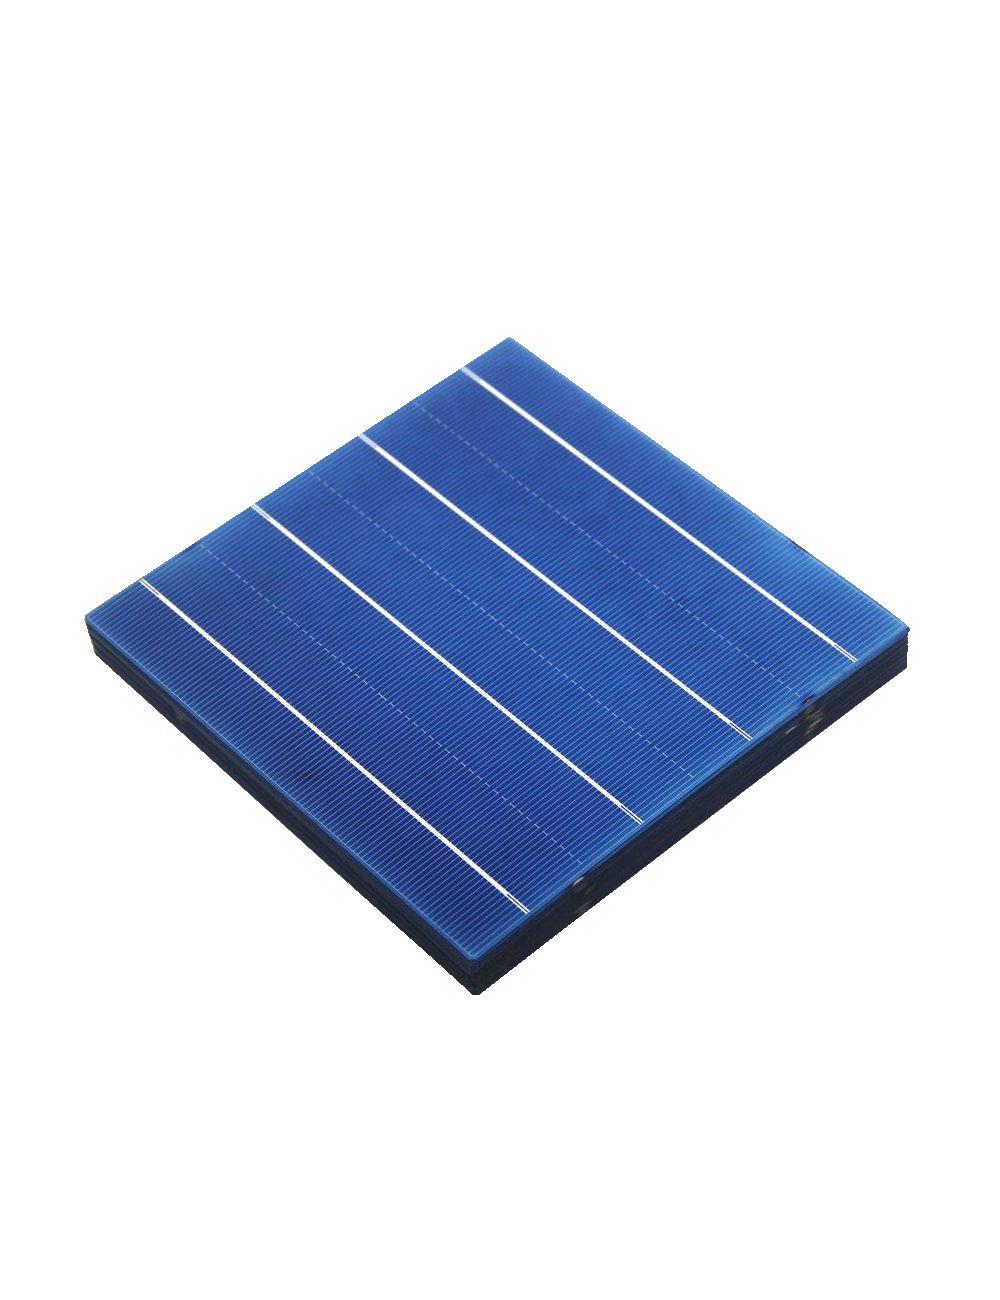 VIKOCELL 100 piezas 4.5W 18, 4% de eficiencia 156 x 156 mm fotovoltaica solar poli elementos de celda de 6x6 para el bricolaje sistema de paneles solares